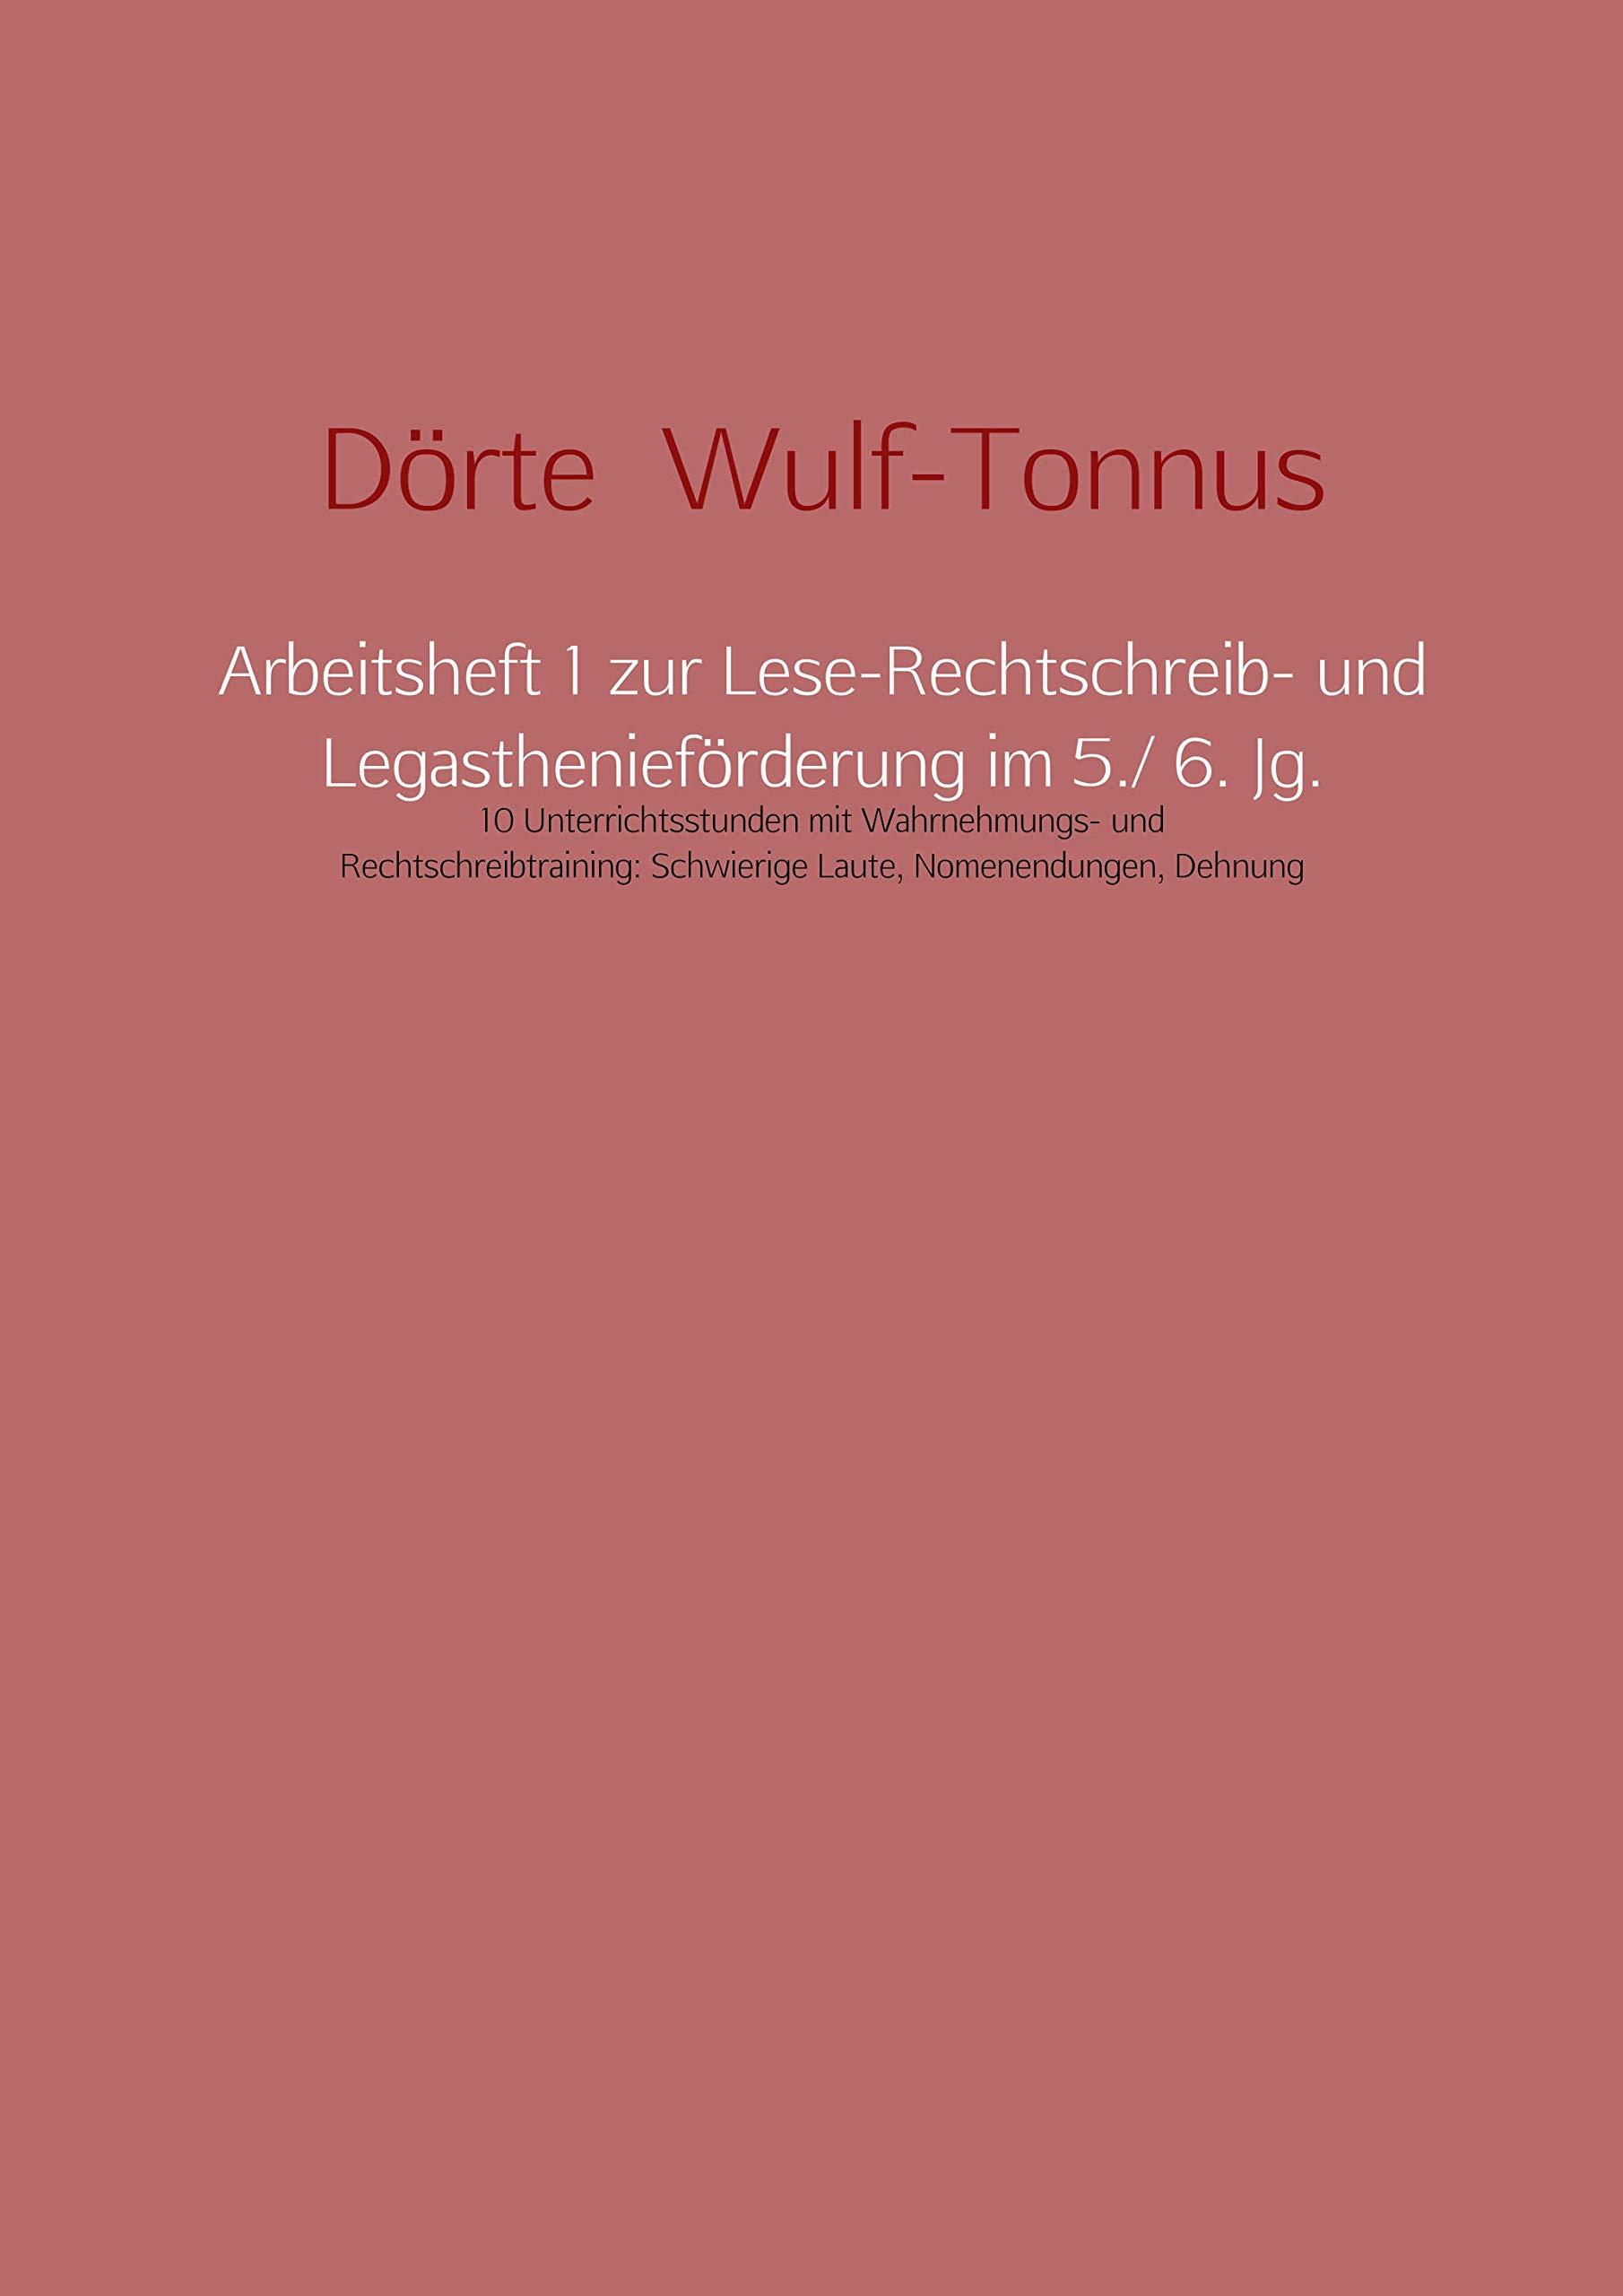 Arbeitsheft 1 zur Lese-Rechtschreib- und Legasthenieförderung im 5./ 6. Jg.